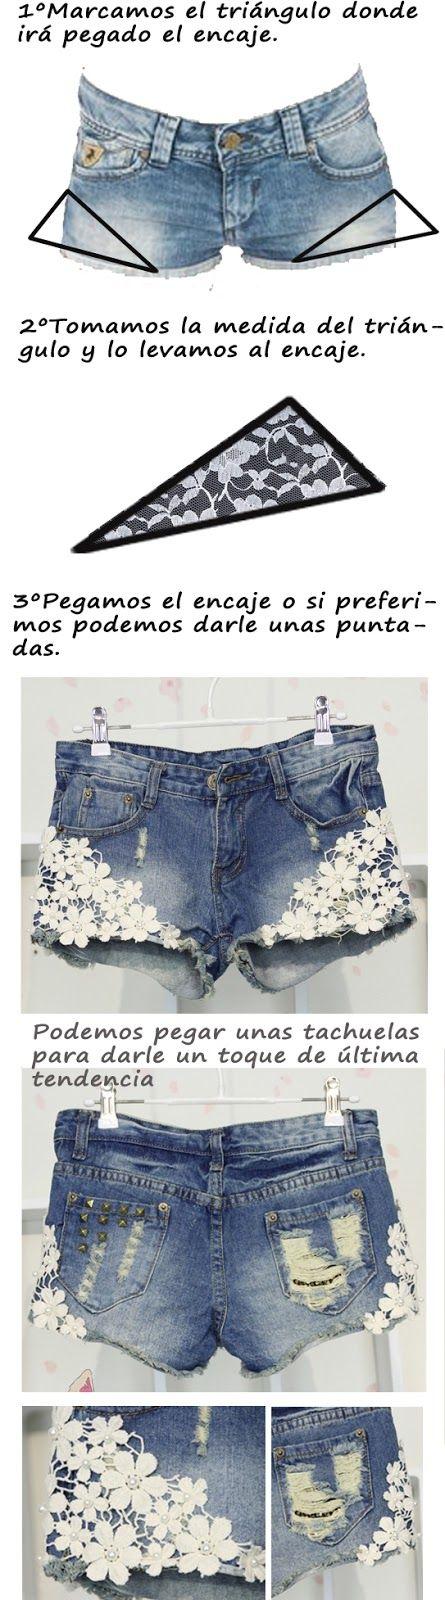 Los shorts son prendas básicas de armario, nos permiten crear looks muy diversos según los combinemos. El DIY de hoy les da un aspecto dife...